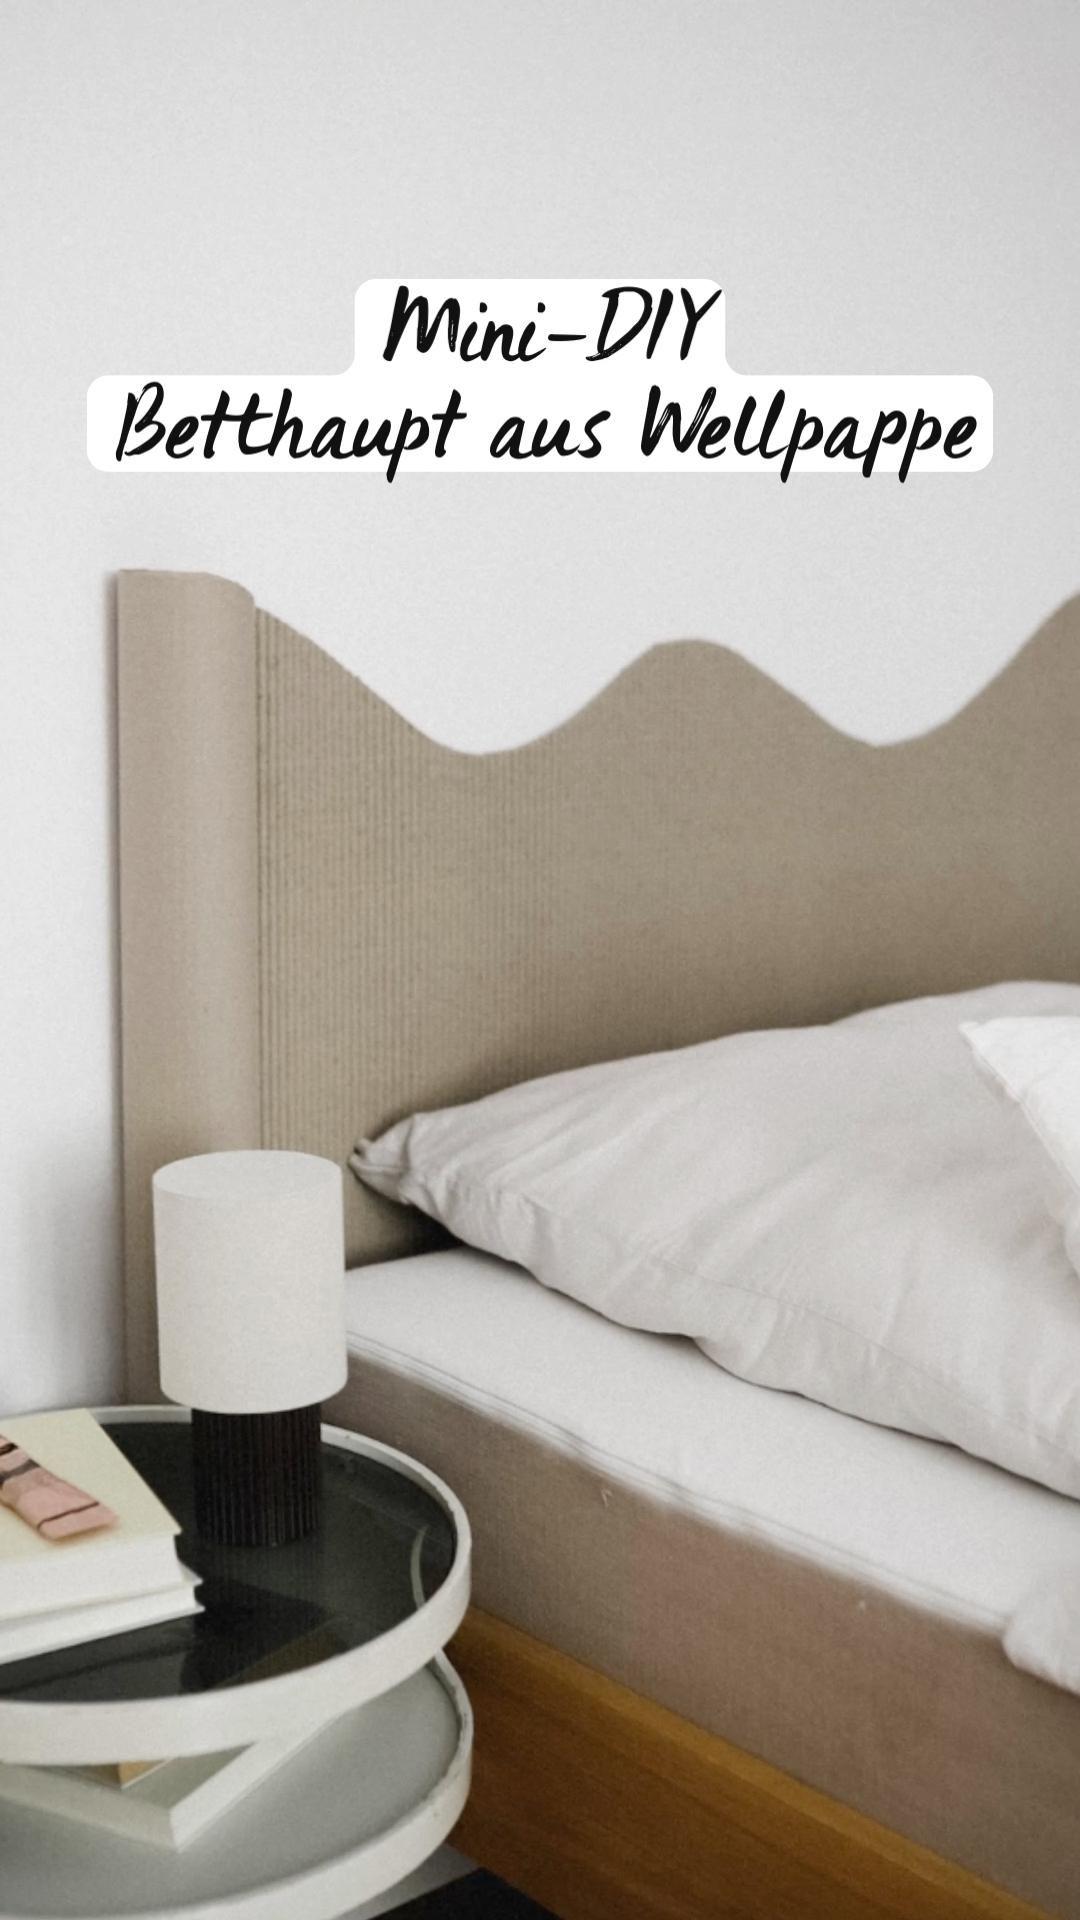 99+ Mini DIY Betthaupt aus Wellpappe